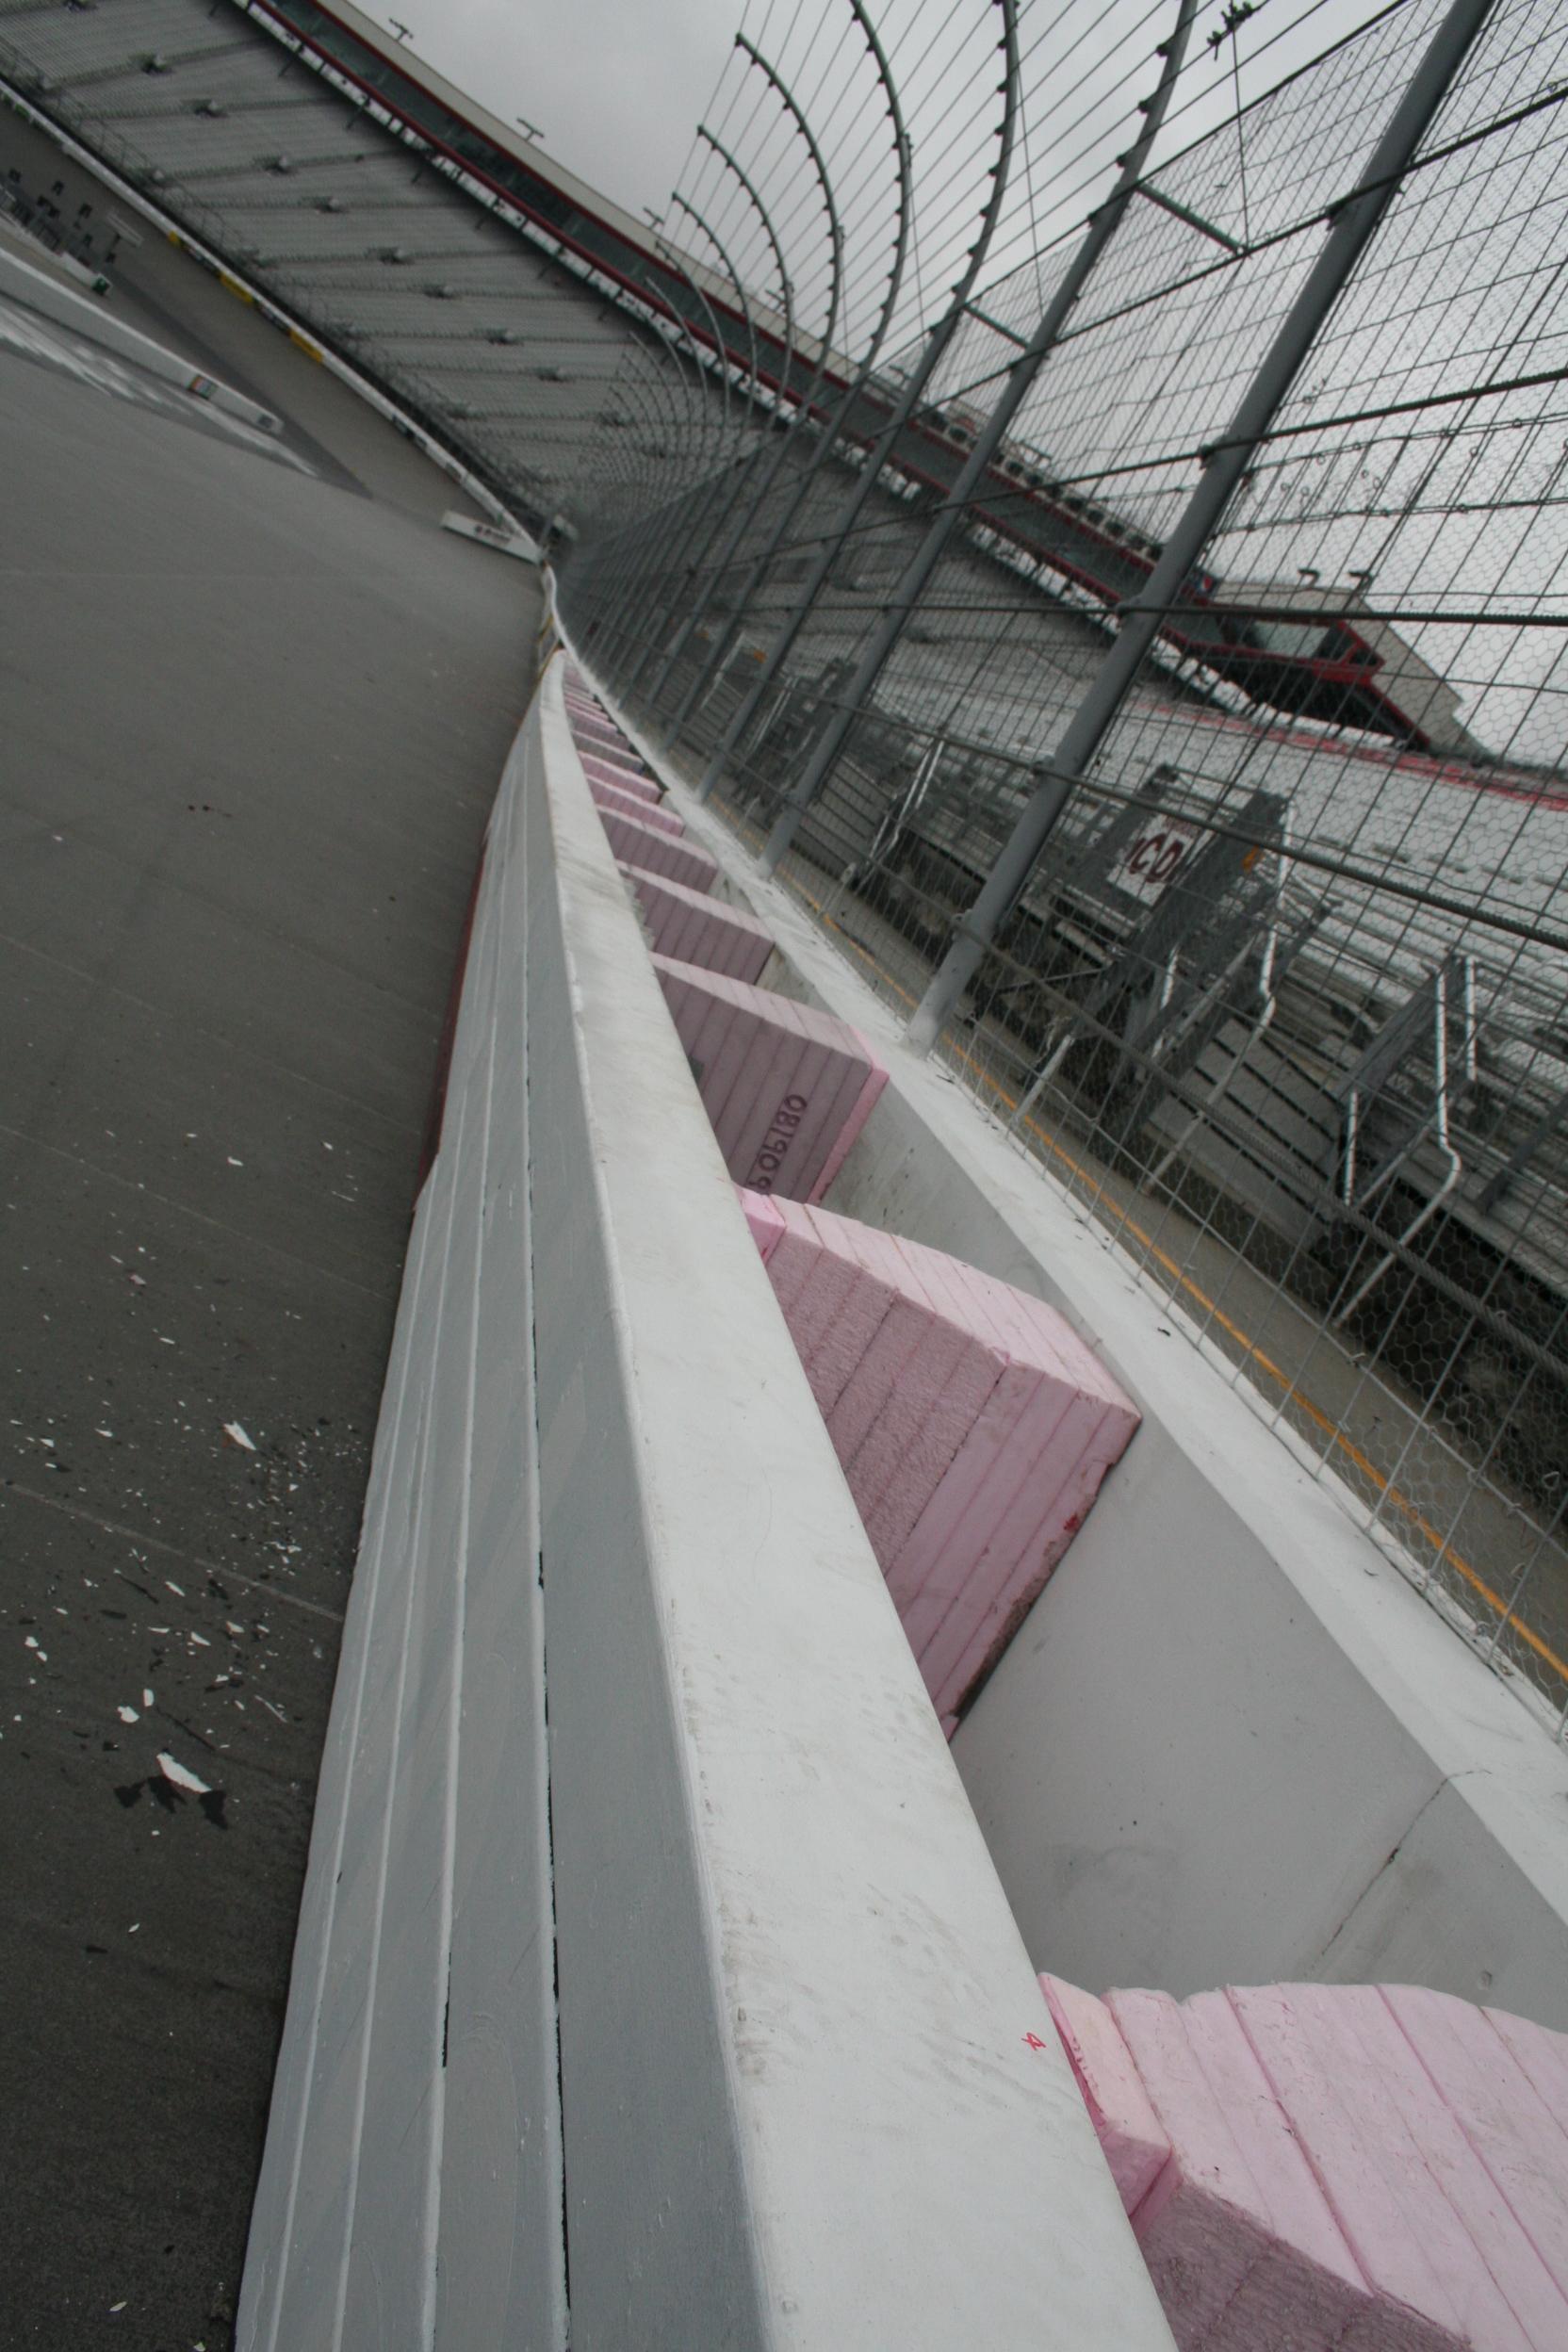 A SAFER barrier.